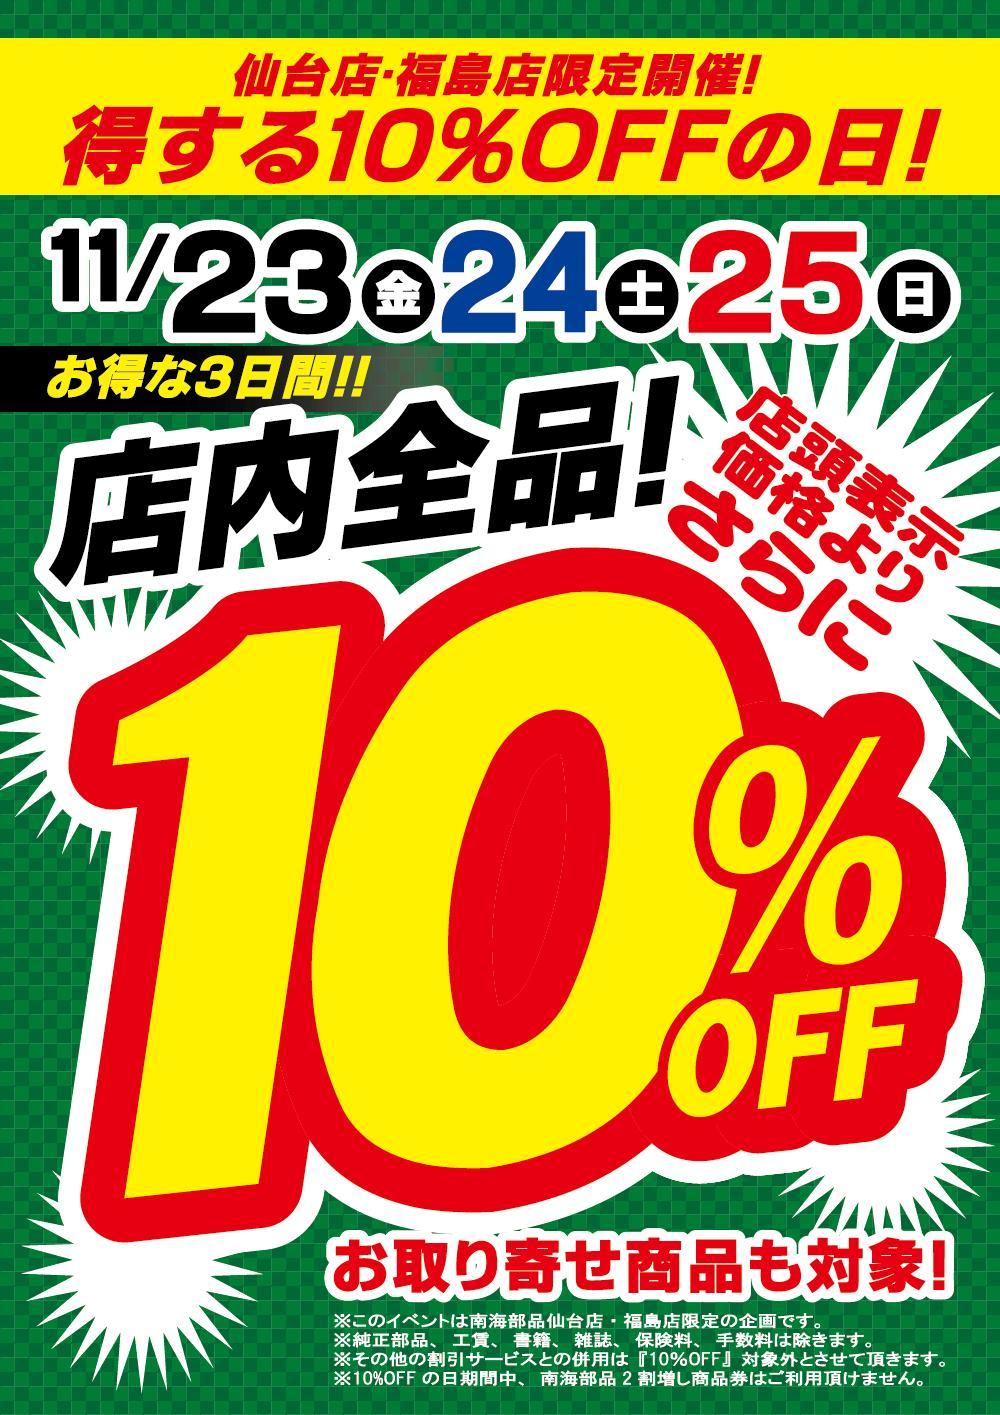 お得な3日間!!店内全品10%OFF!!